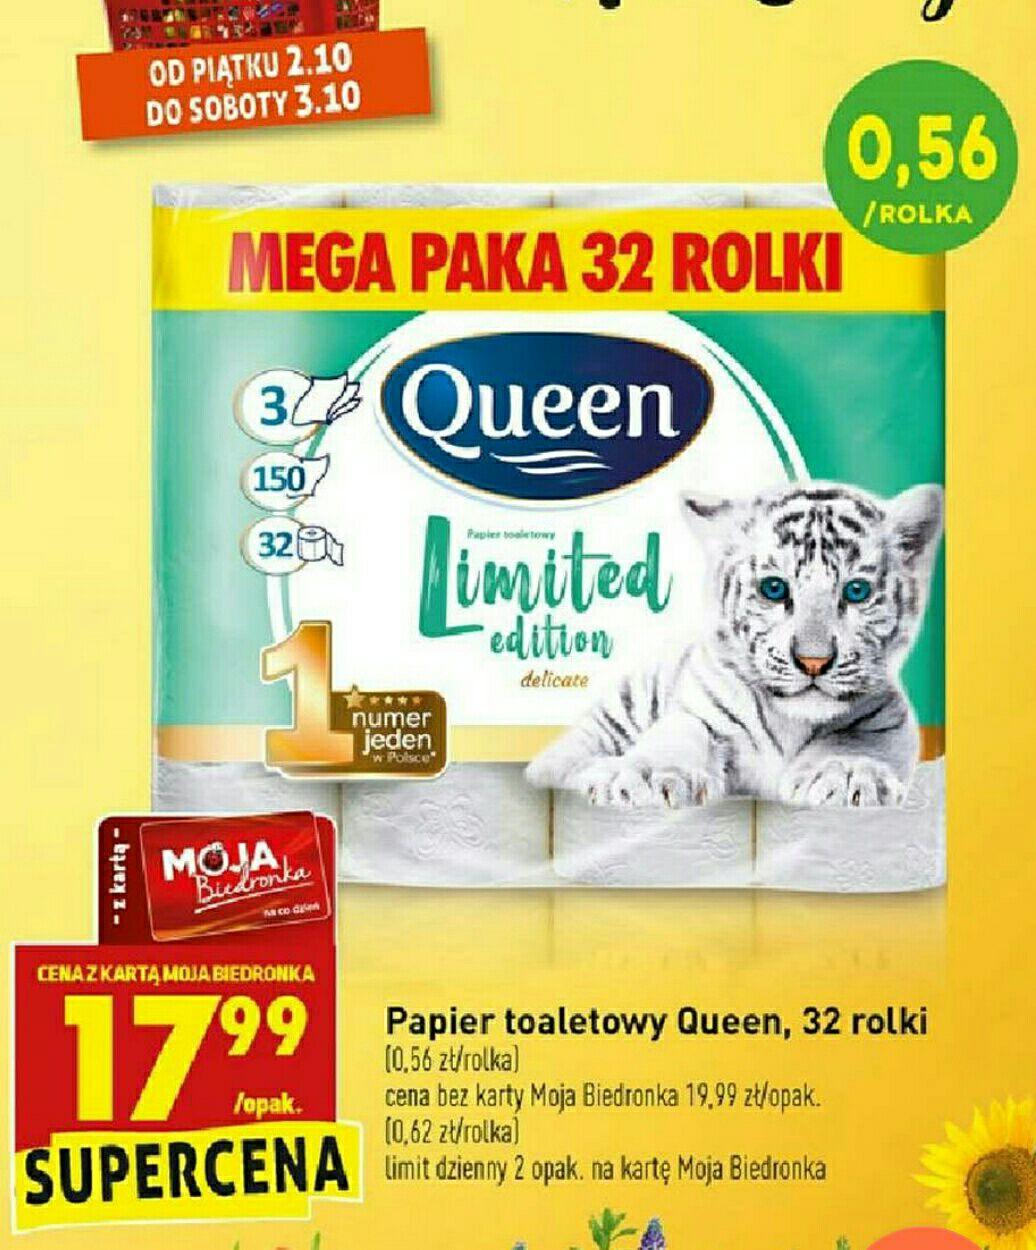 Biedronka, papier Queen 32 rolki za 17,99zł